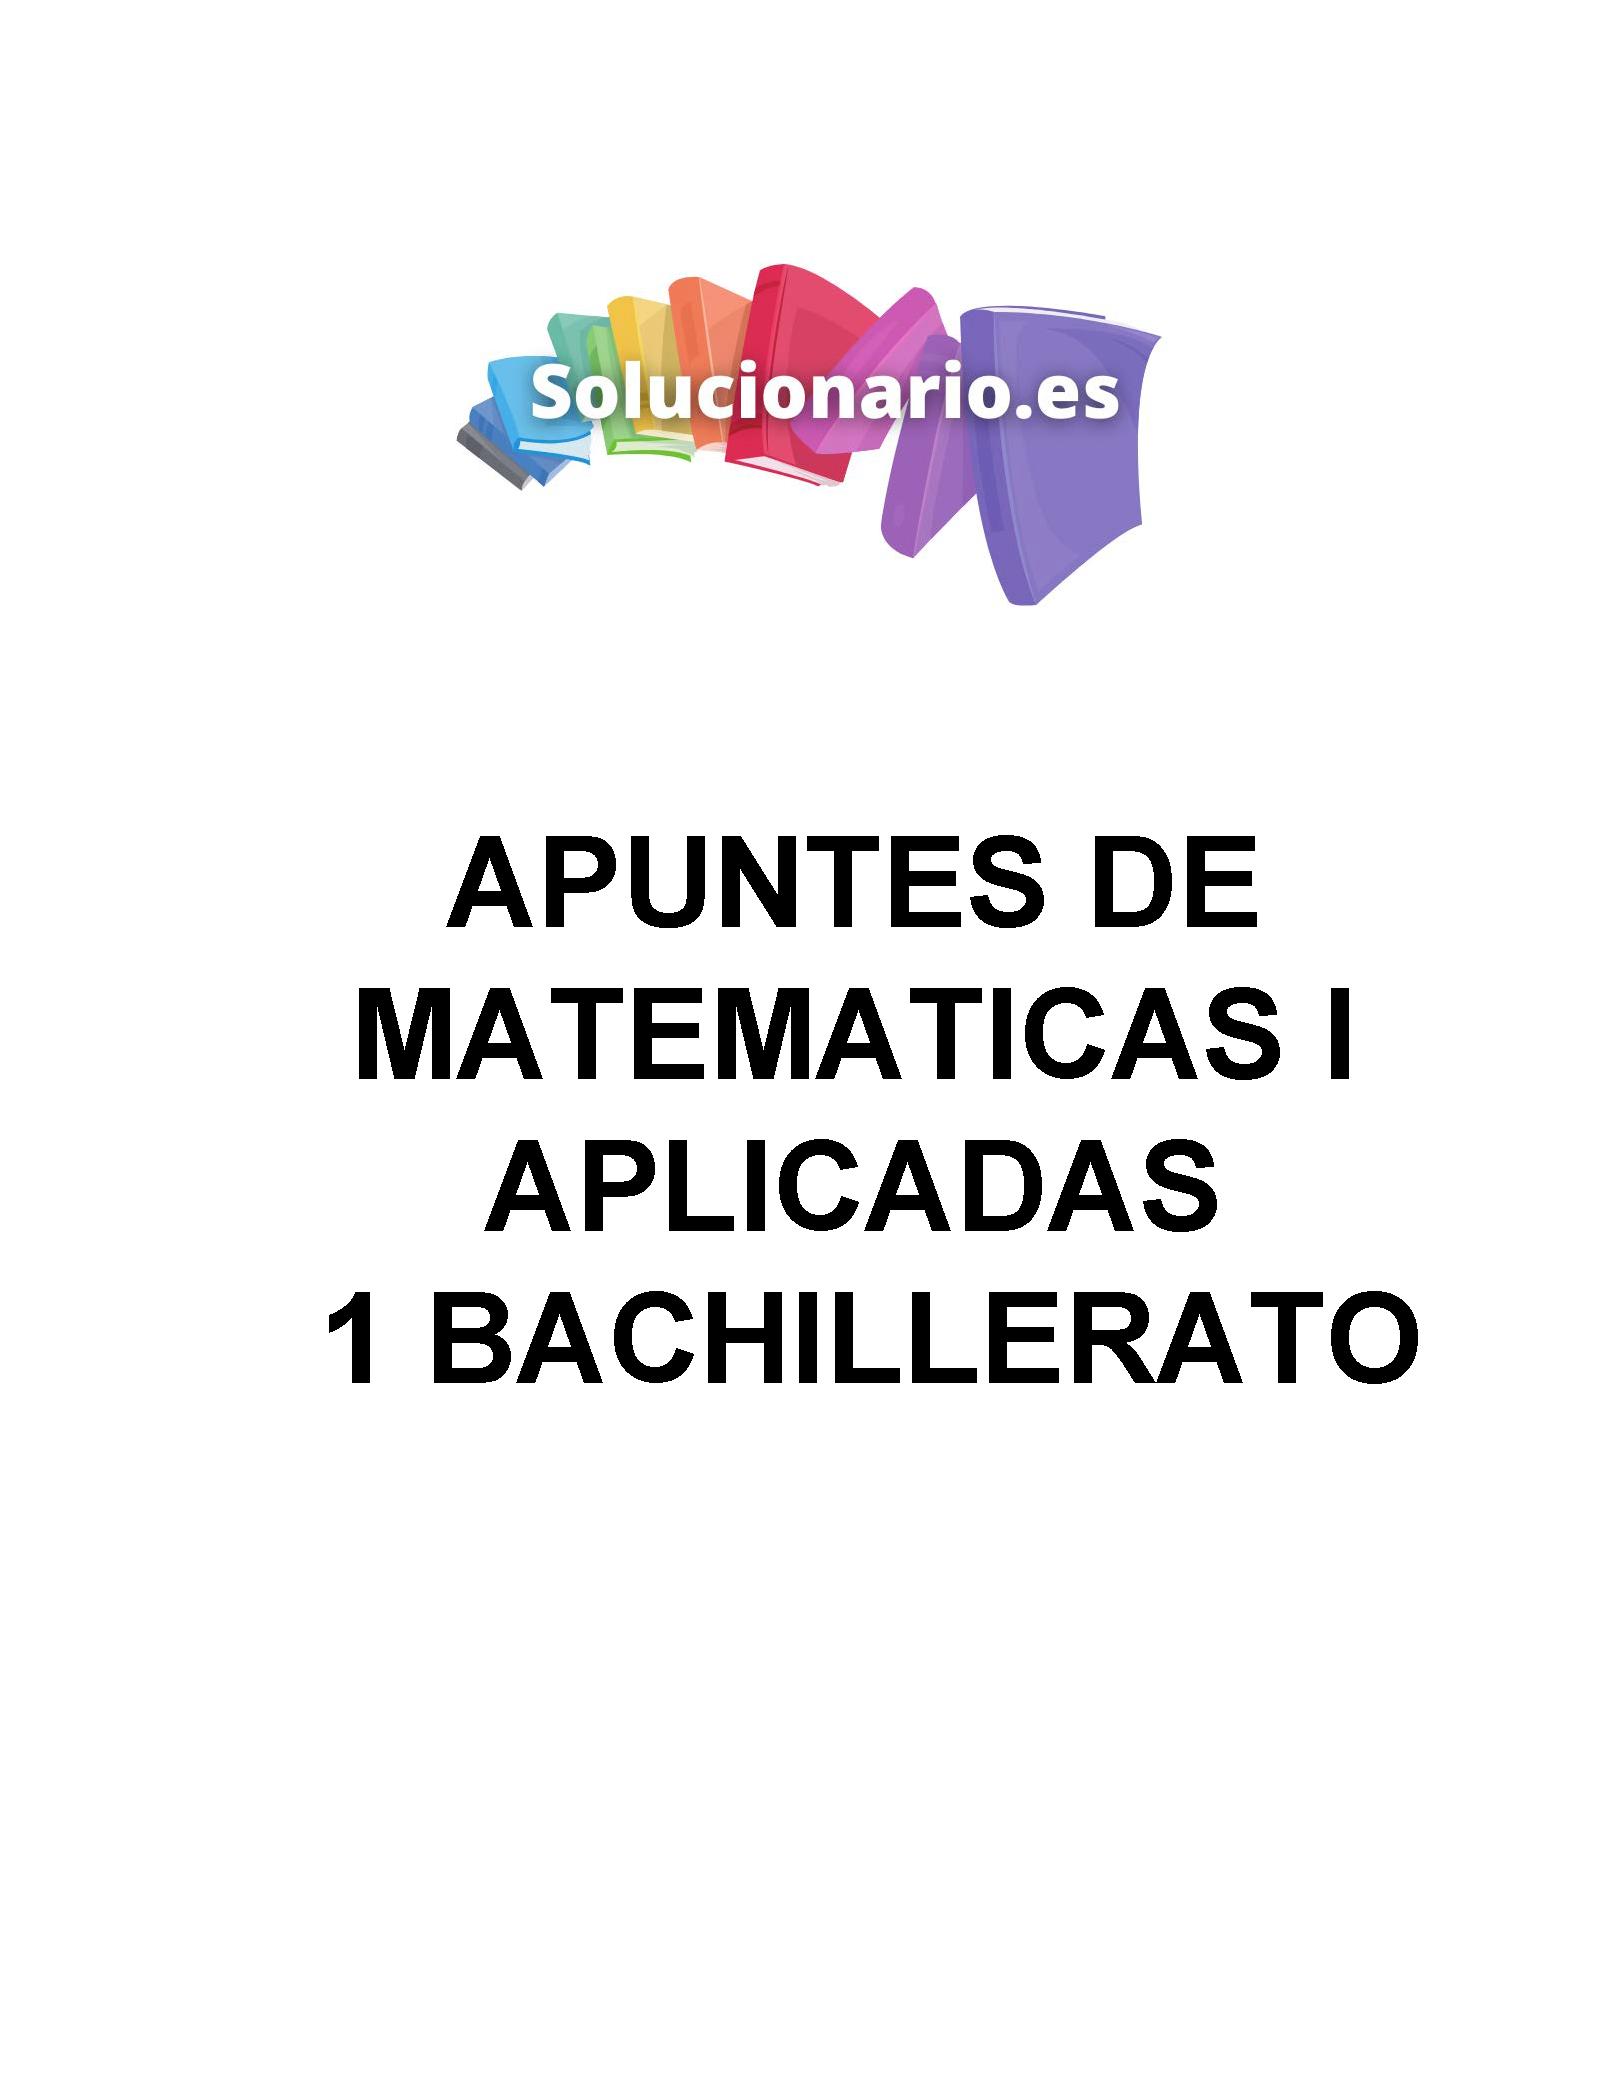 Apuntes Matemáticas Estadística 1 Bachillerato de Sociales 2020 / 2021